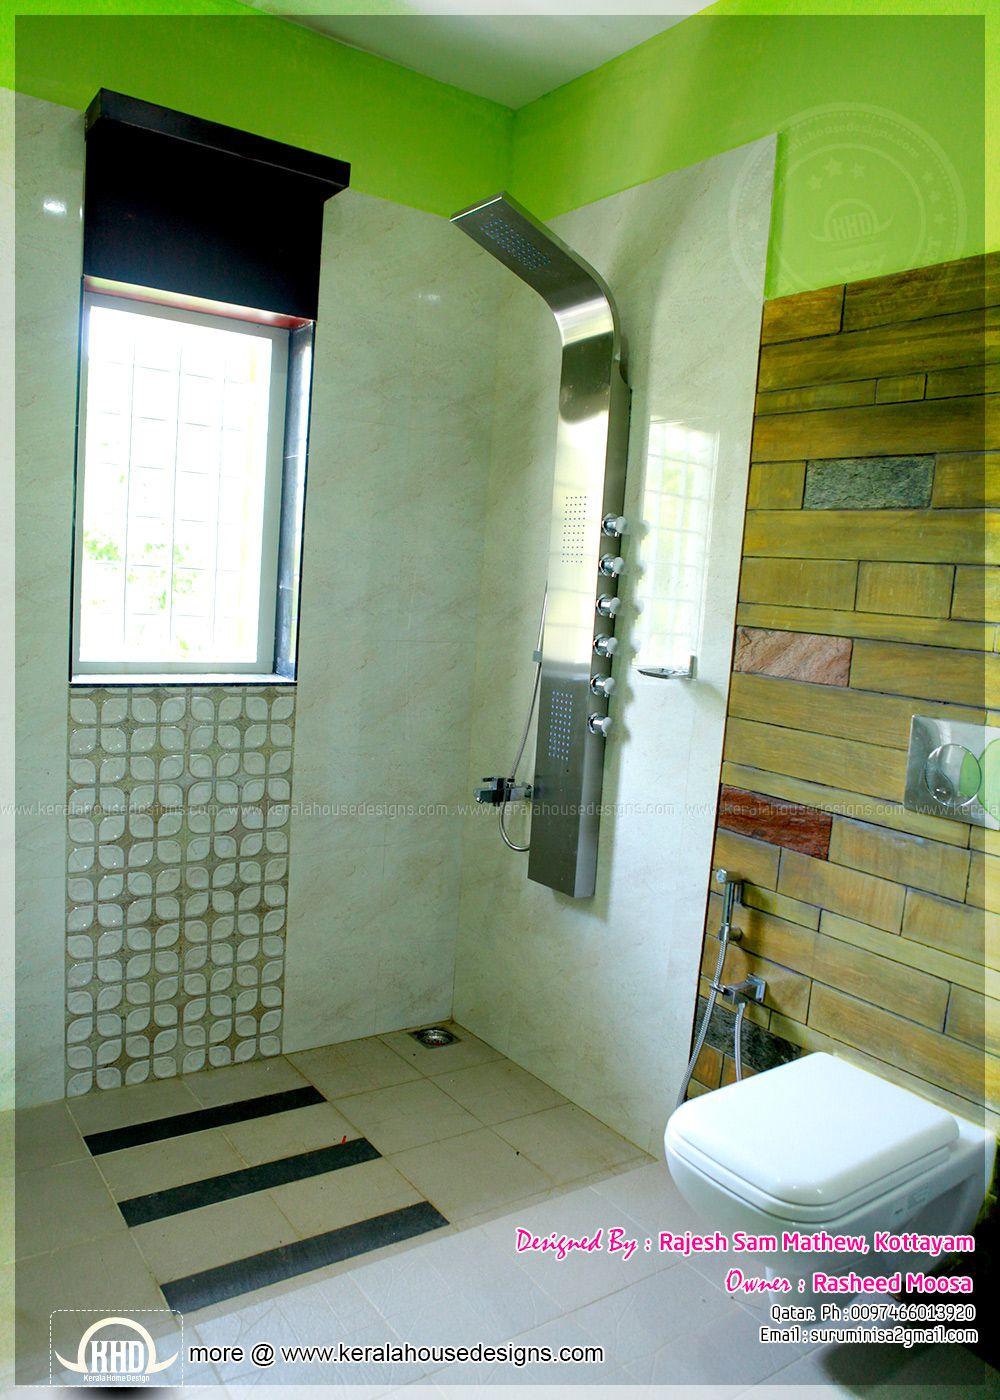 Kerala Home Design Interior Bathroom In 2020 Small Bathroom Design Glamorous Bathroom Decor Bathroom Interior Design